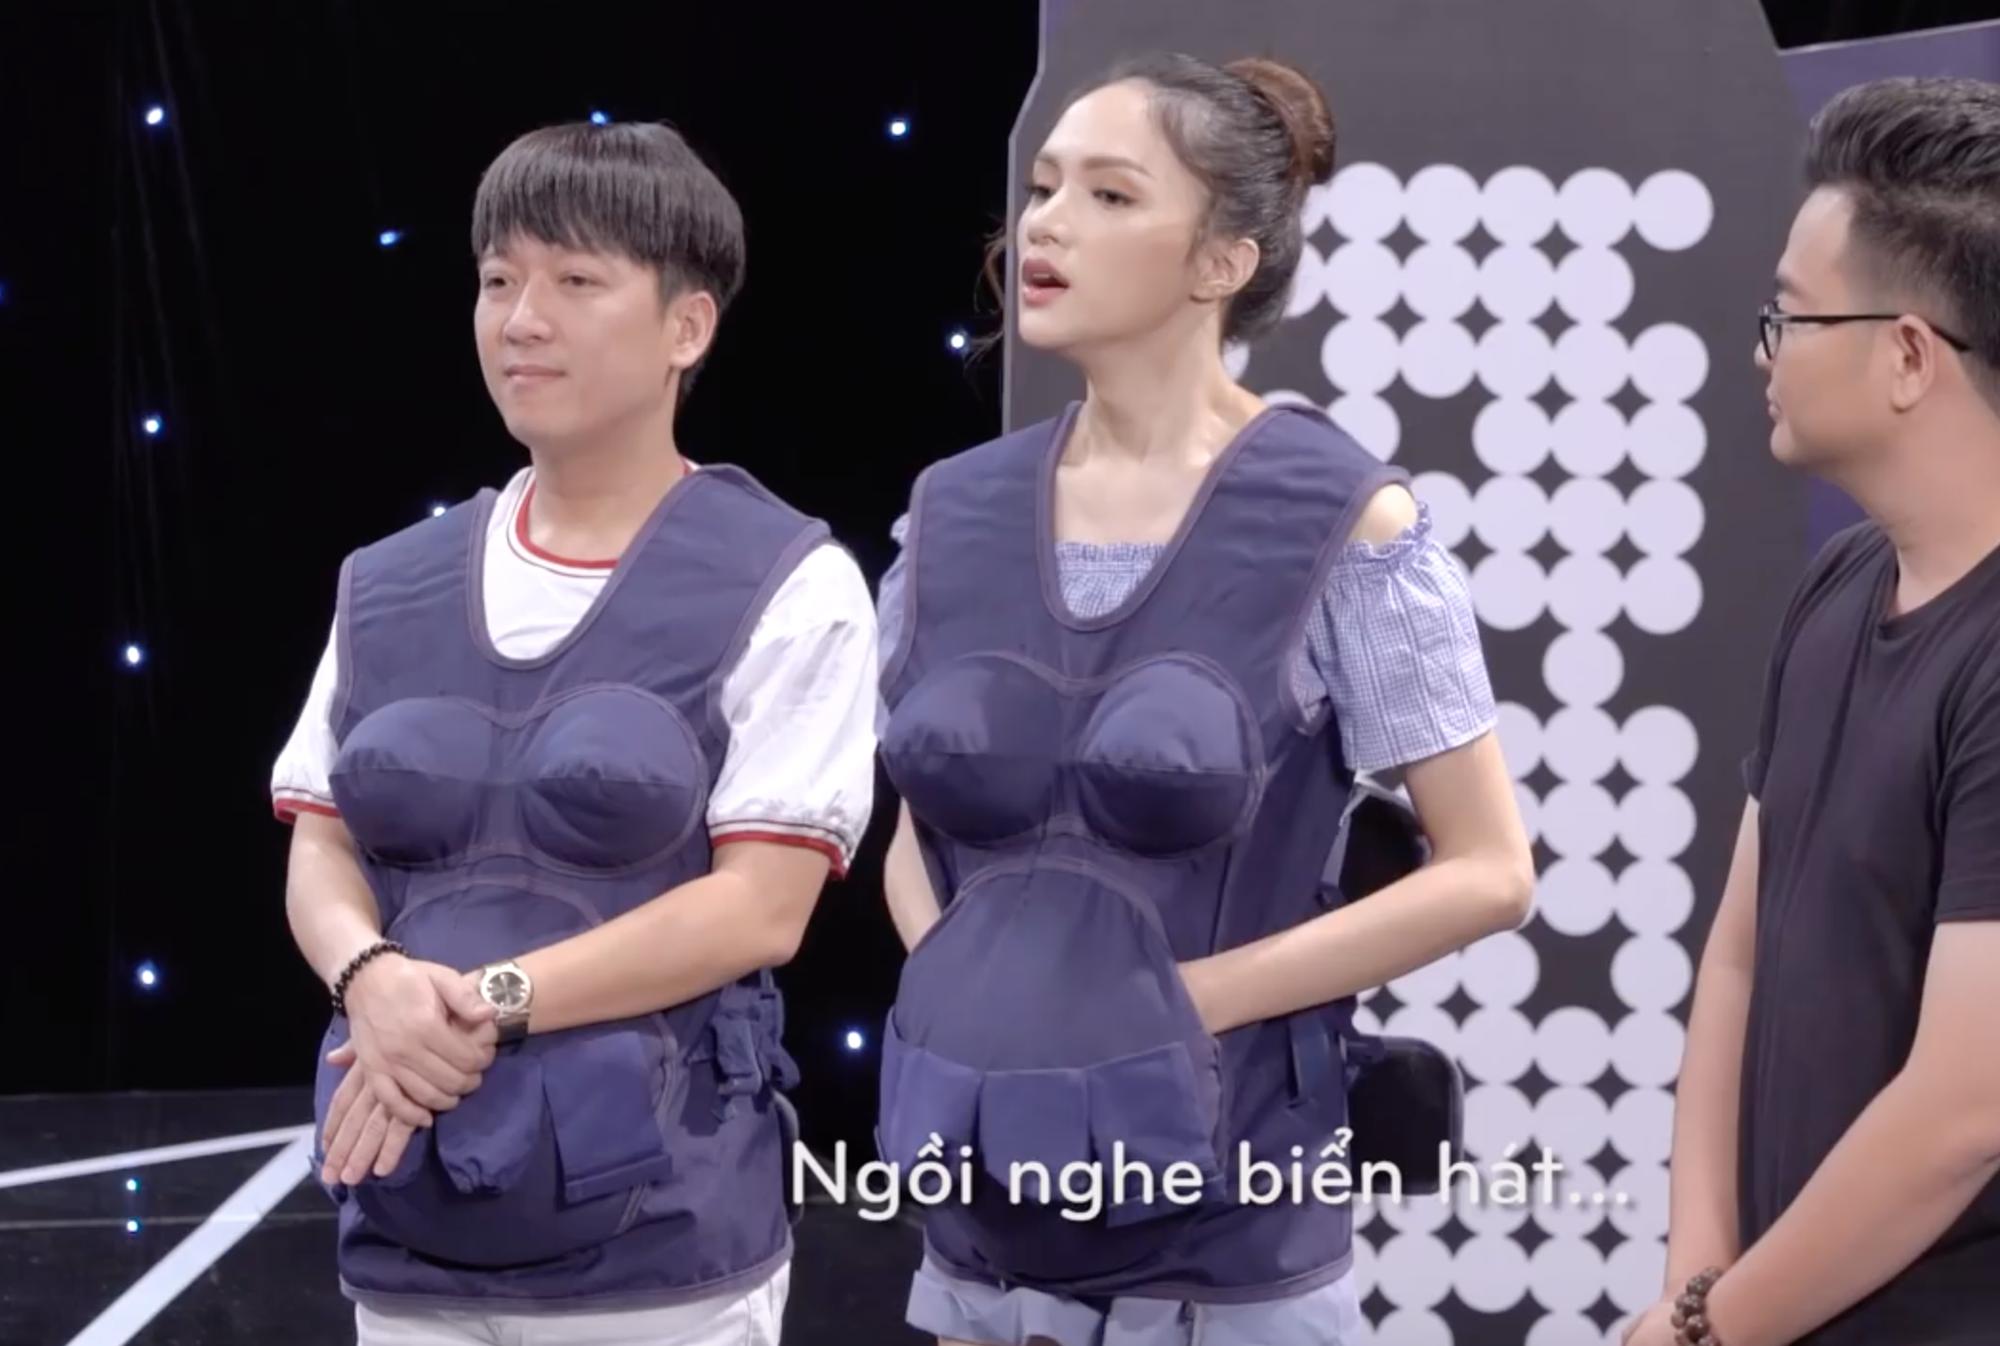 Clip: Ai cũng bật cười khi cặp đôi Trường Giang - Hương Giang khoe giọng - Ảnh 3.